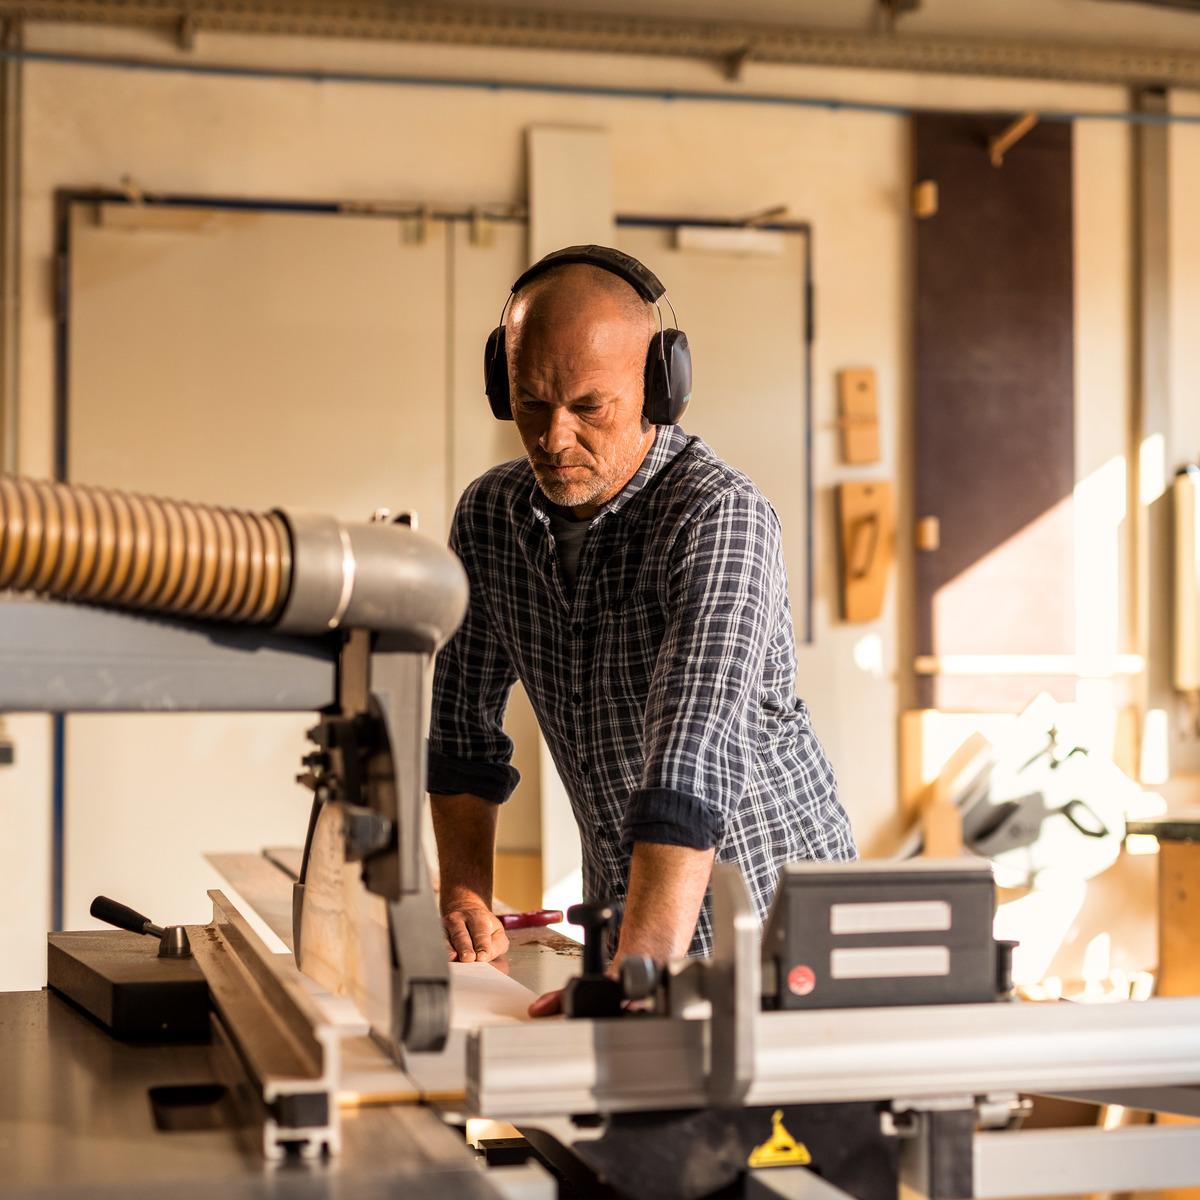 selbständiger Tischlermeister in seiner Werkstatt